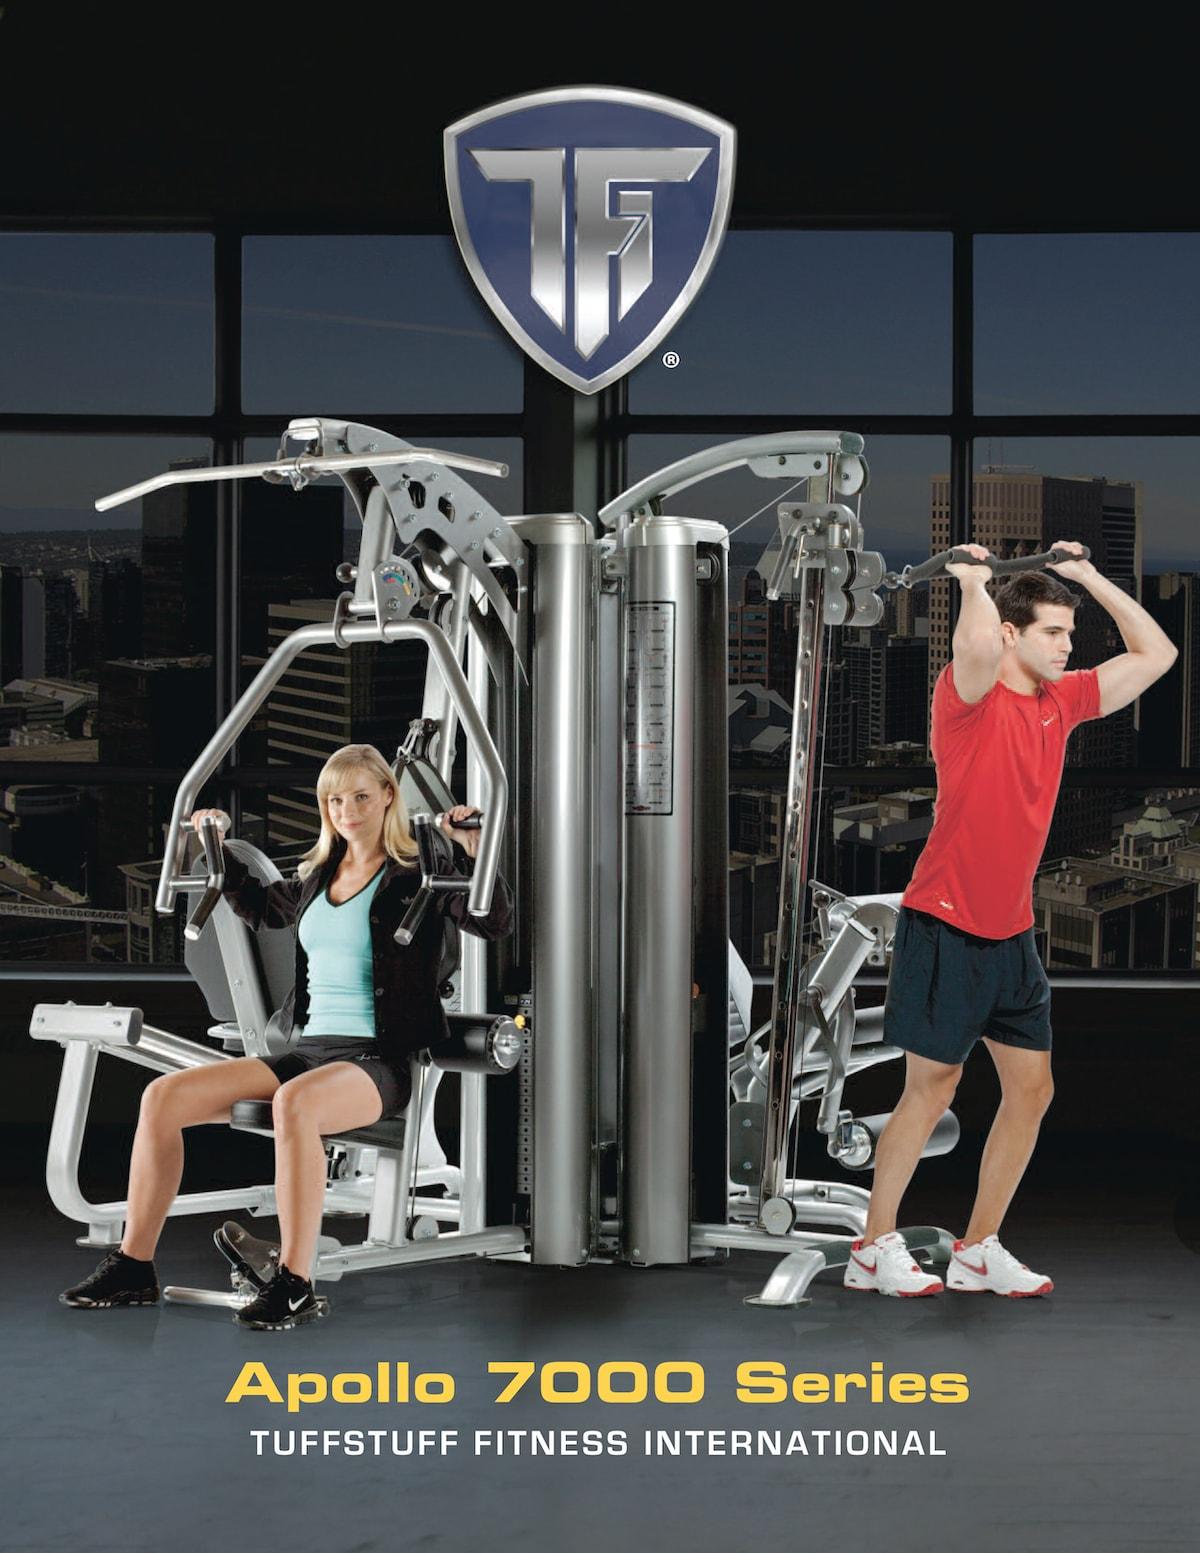 TuffStuff Apollo 7000 Multi Stack Gym Brochure